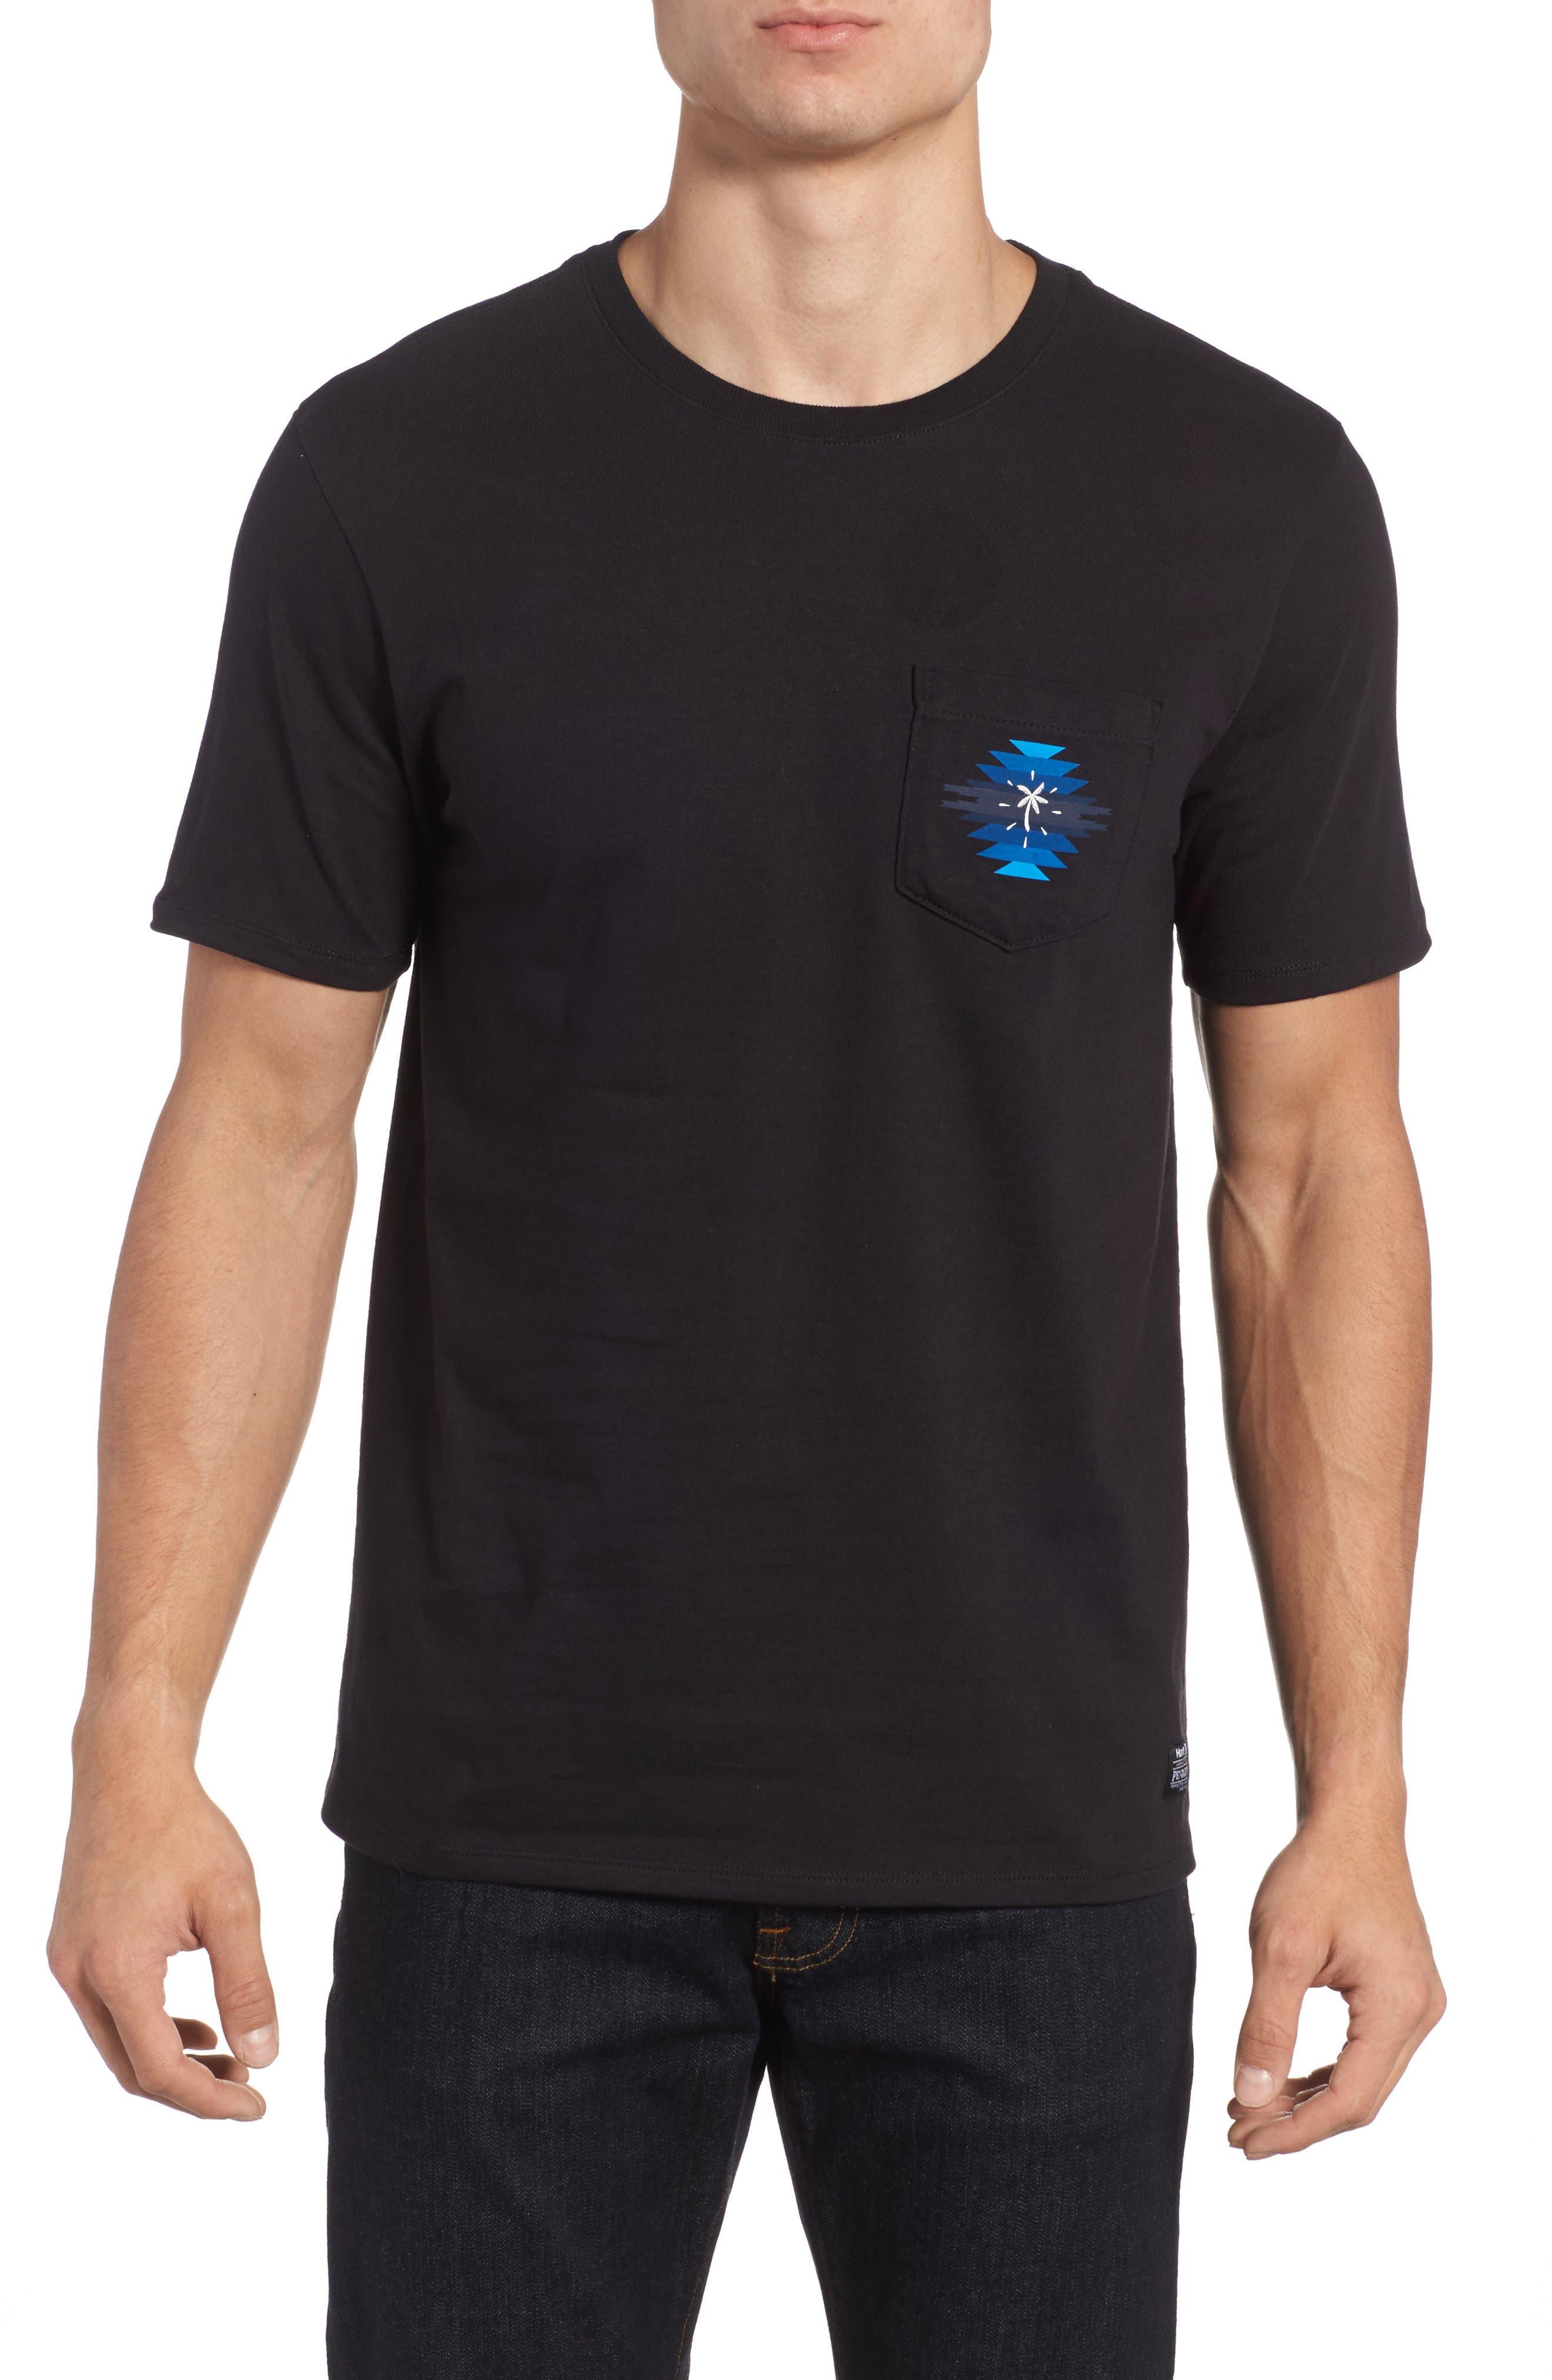 x Pendleton Pocket T-Shirt,                             Main thumbnail 1, color,                             010